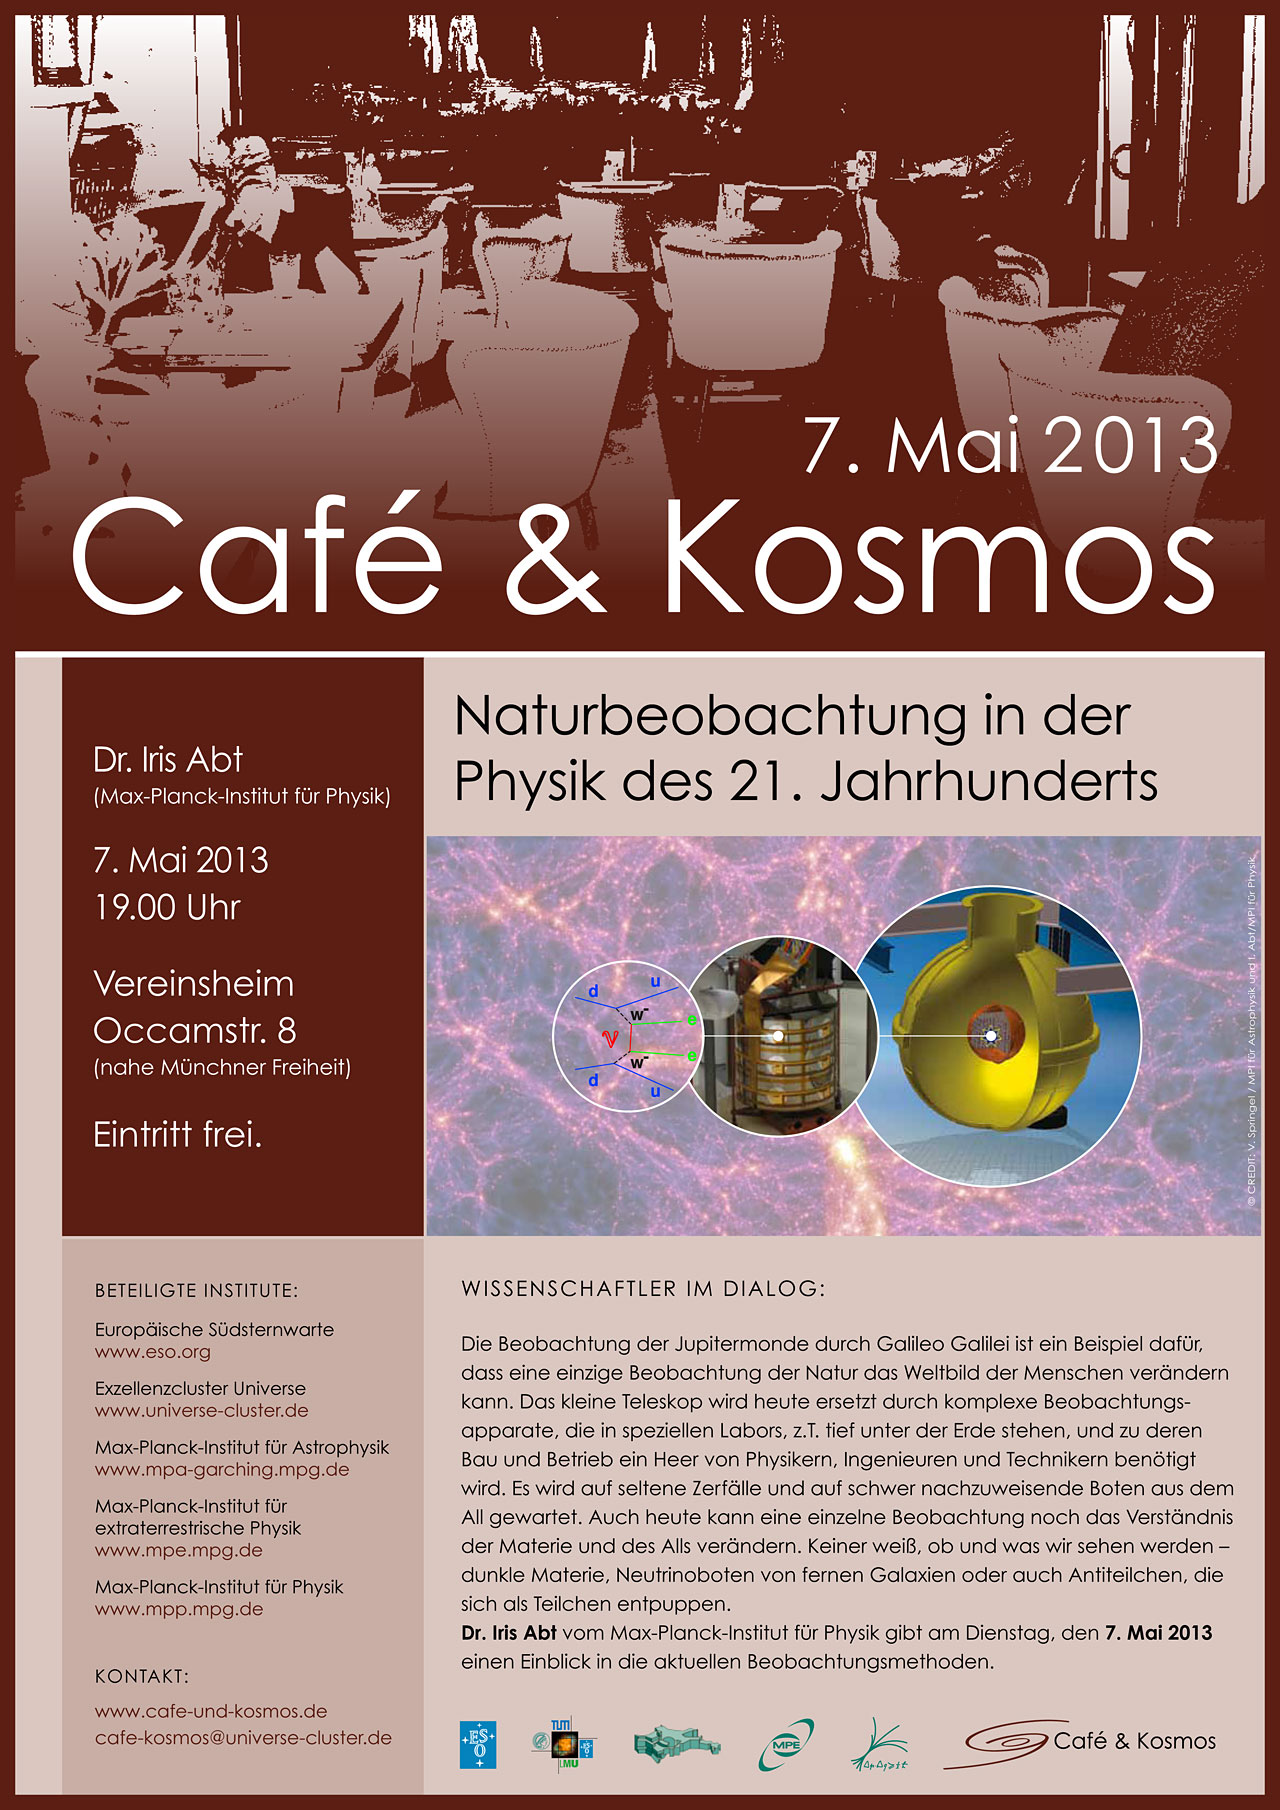 Poster zu Café & Kosmos am 7. Mai 2013